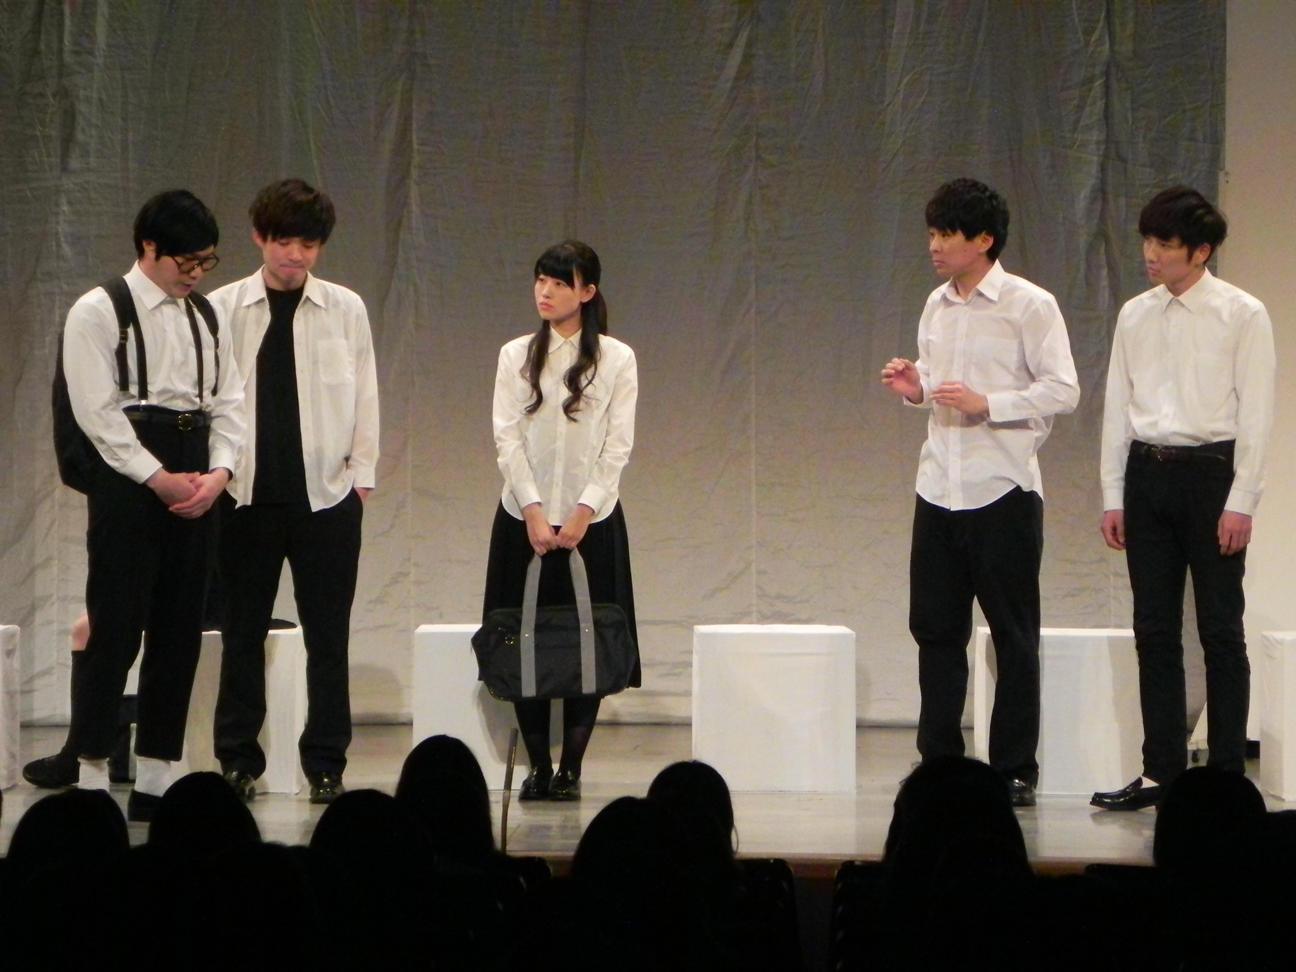 http://news.yoshimoto.co.jp/20170228124015-27292f986117b9e6b08ff0d641633cdda55ec8cf.jpg